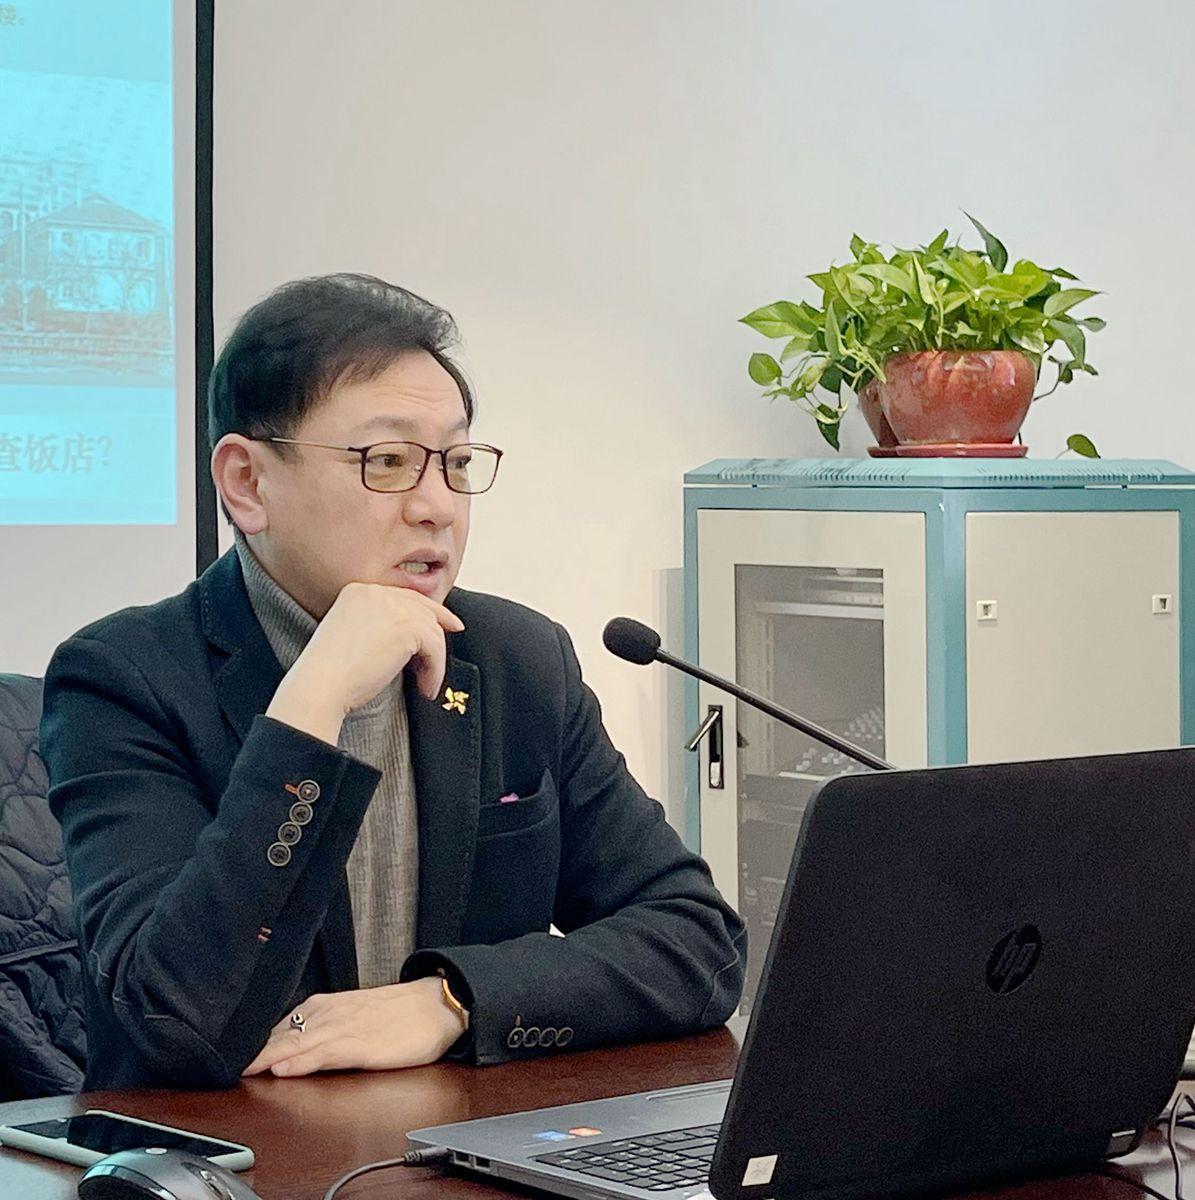 20210124上海的电影往事(13).jpg.jpg